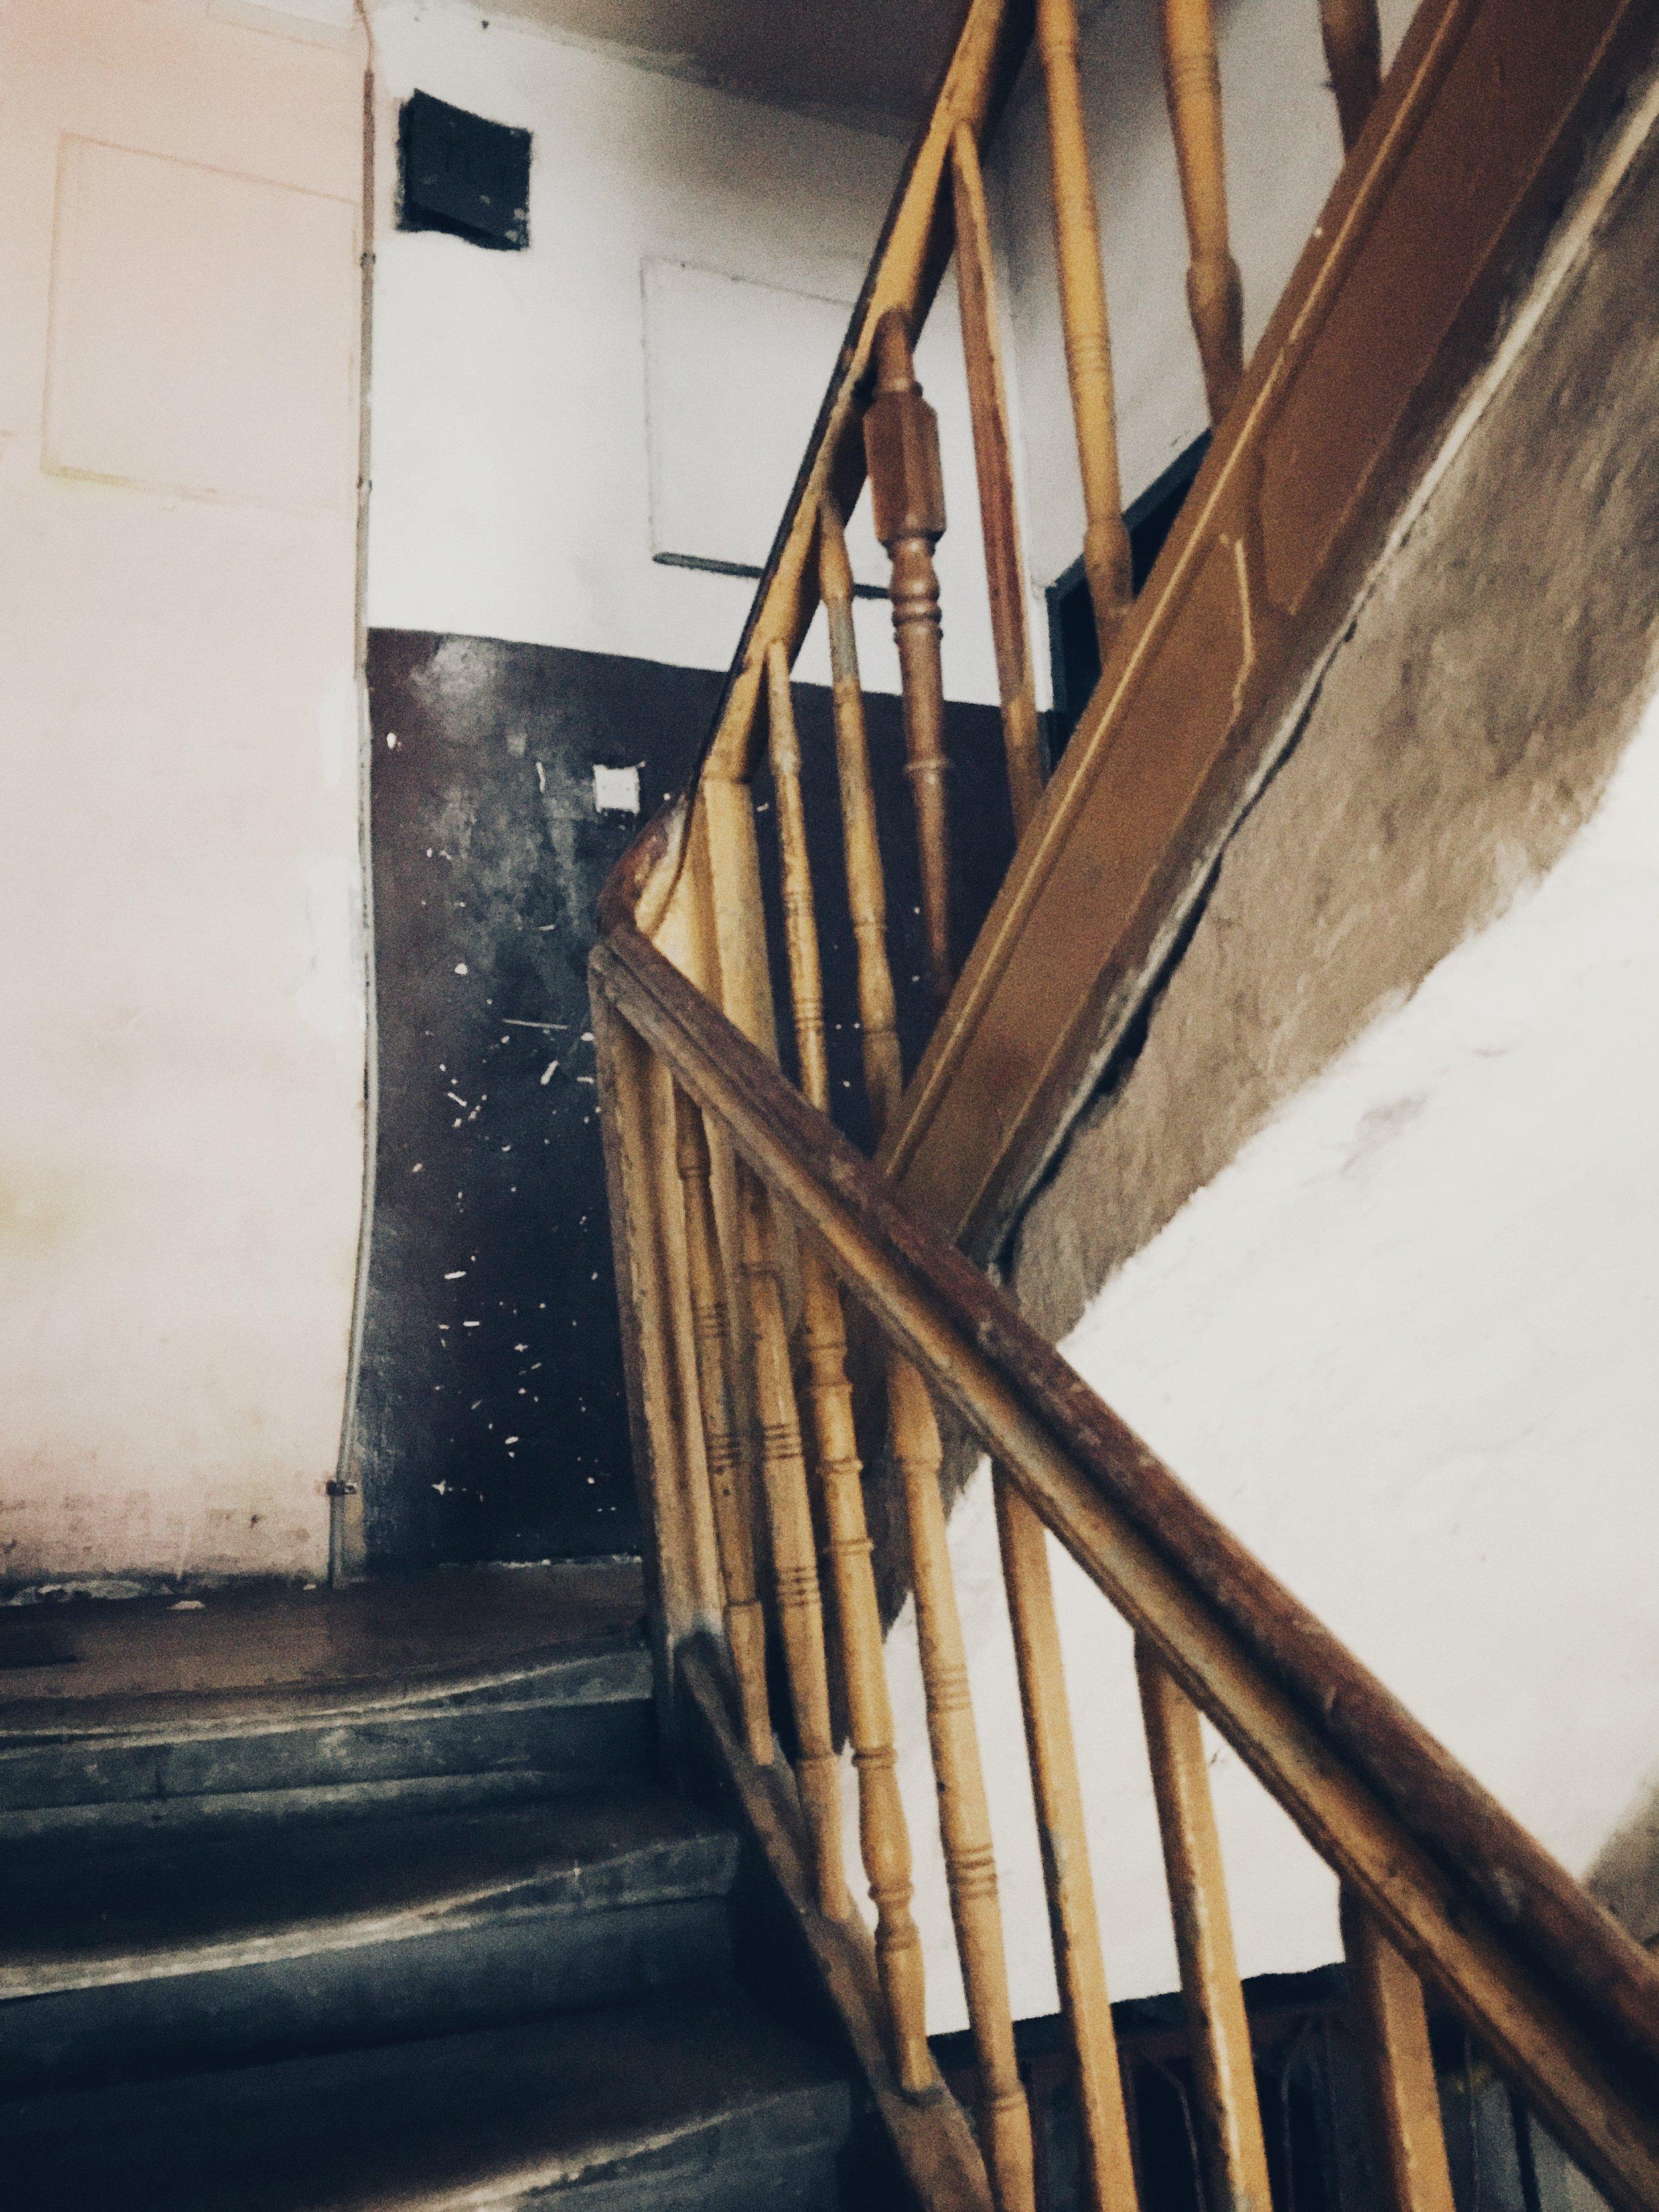 staircase, ghetto